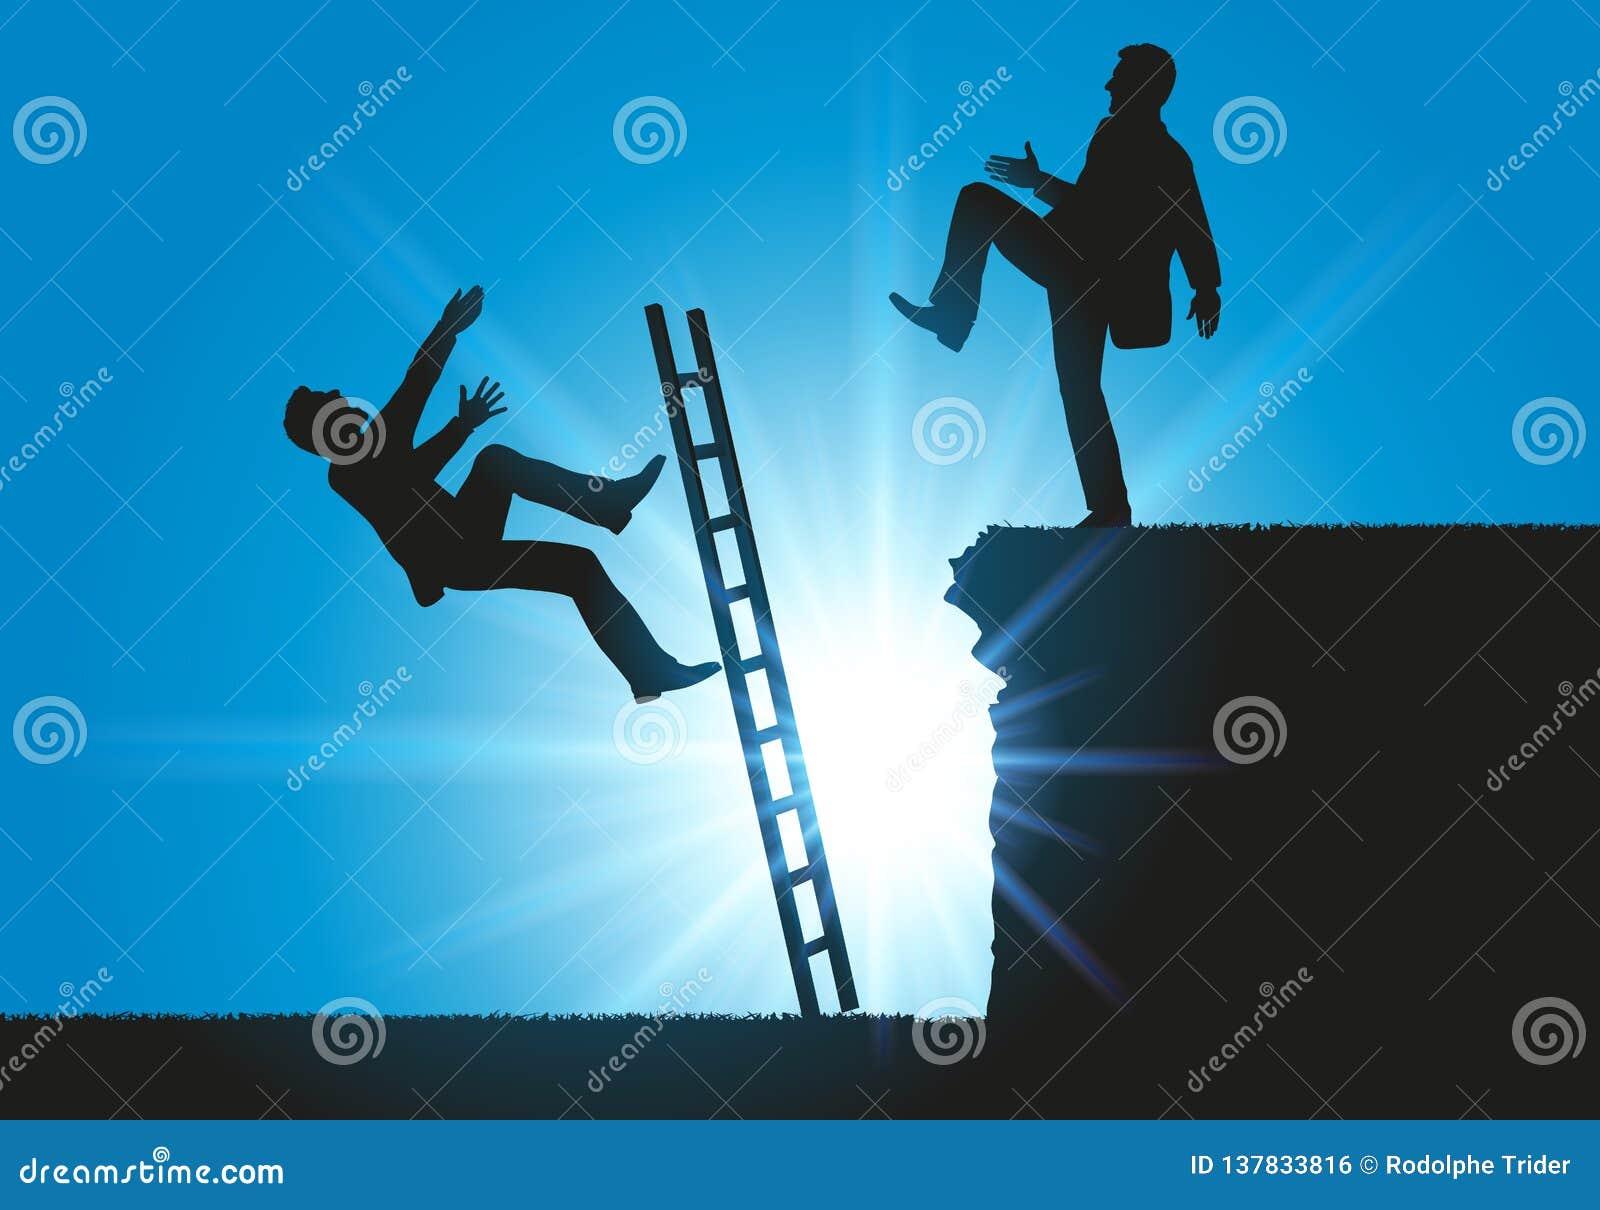 Pojęcie karło dla dwa z mężczyzną pcha jego konkurenta w pustkę